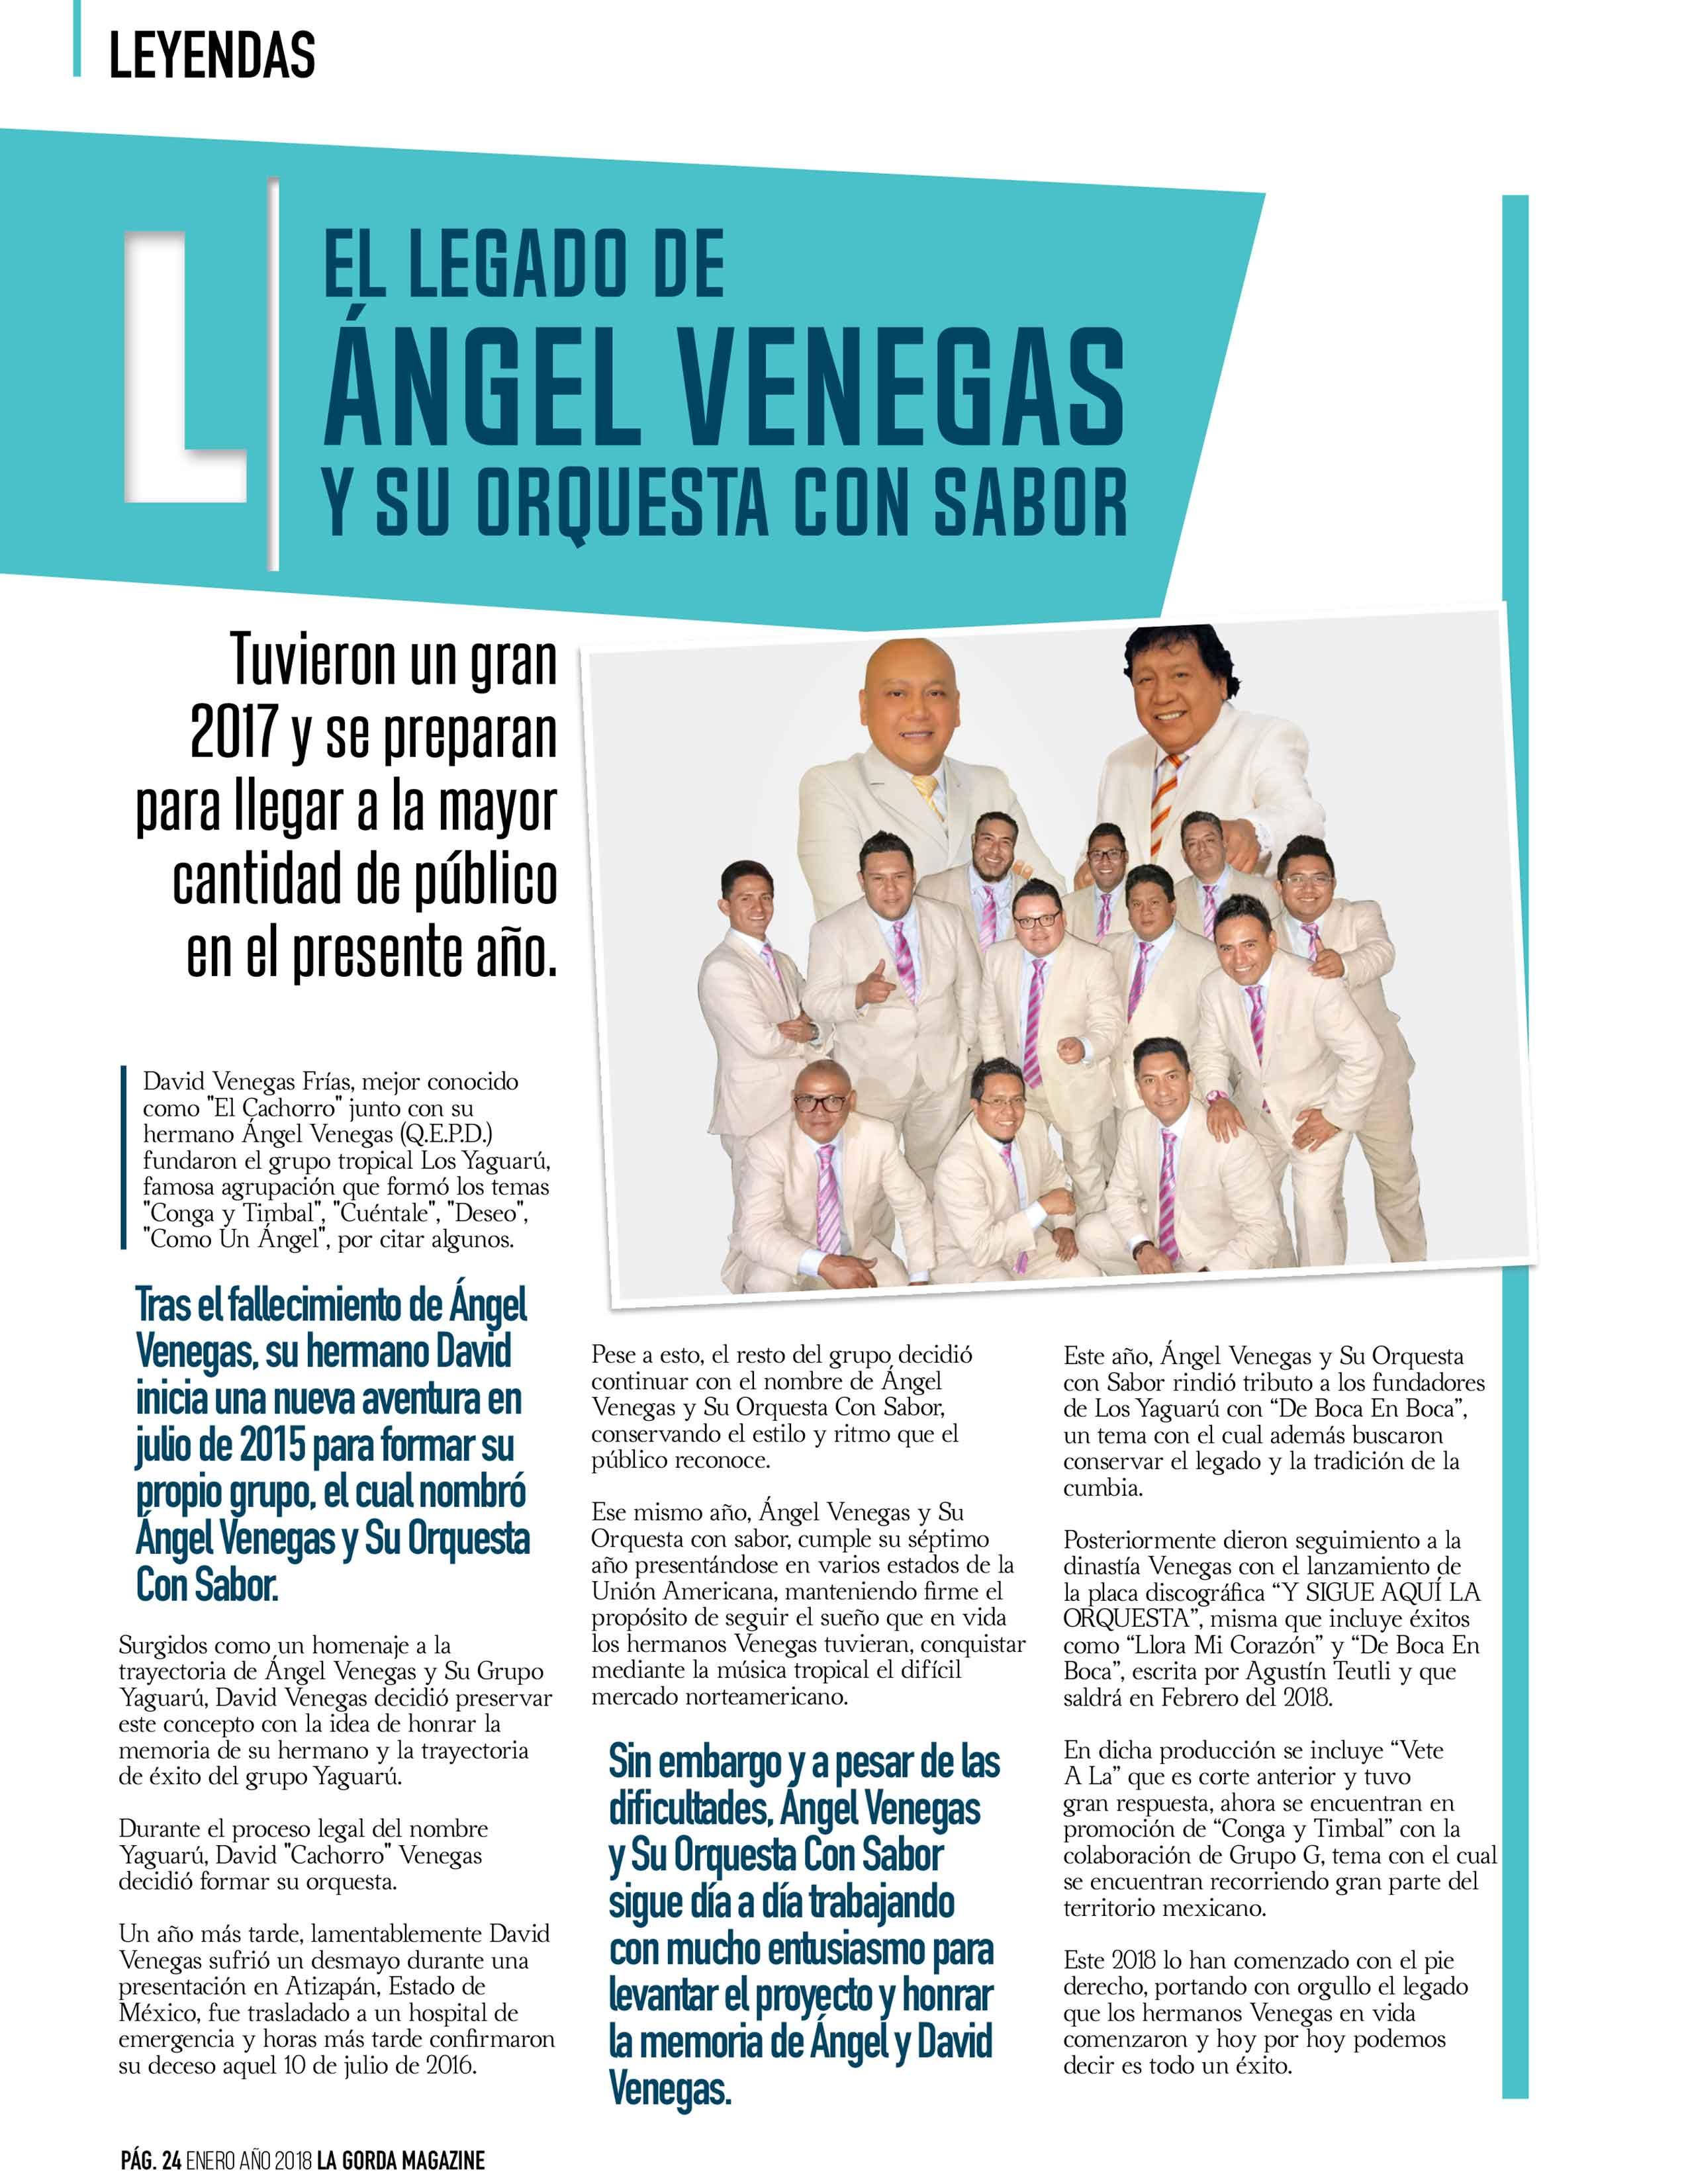 Ángel Venegas Y Su Orquesta Con SaborÁngel Venegas Y Su Orquesta Con Sabor